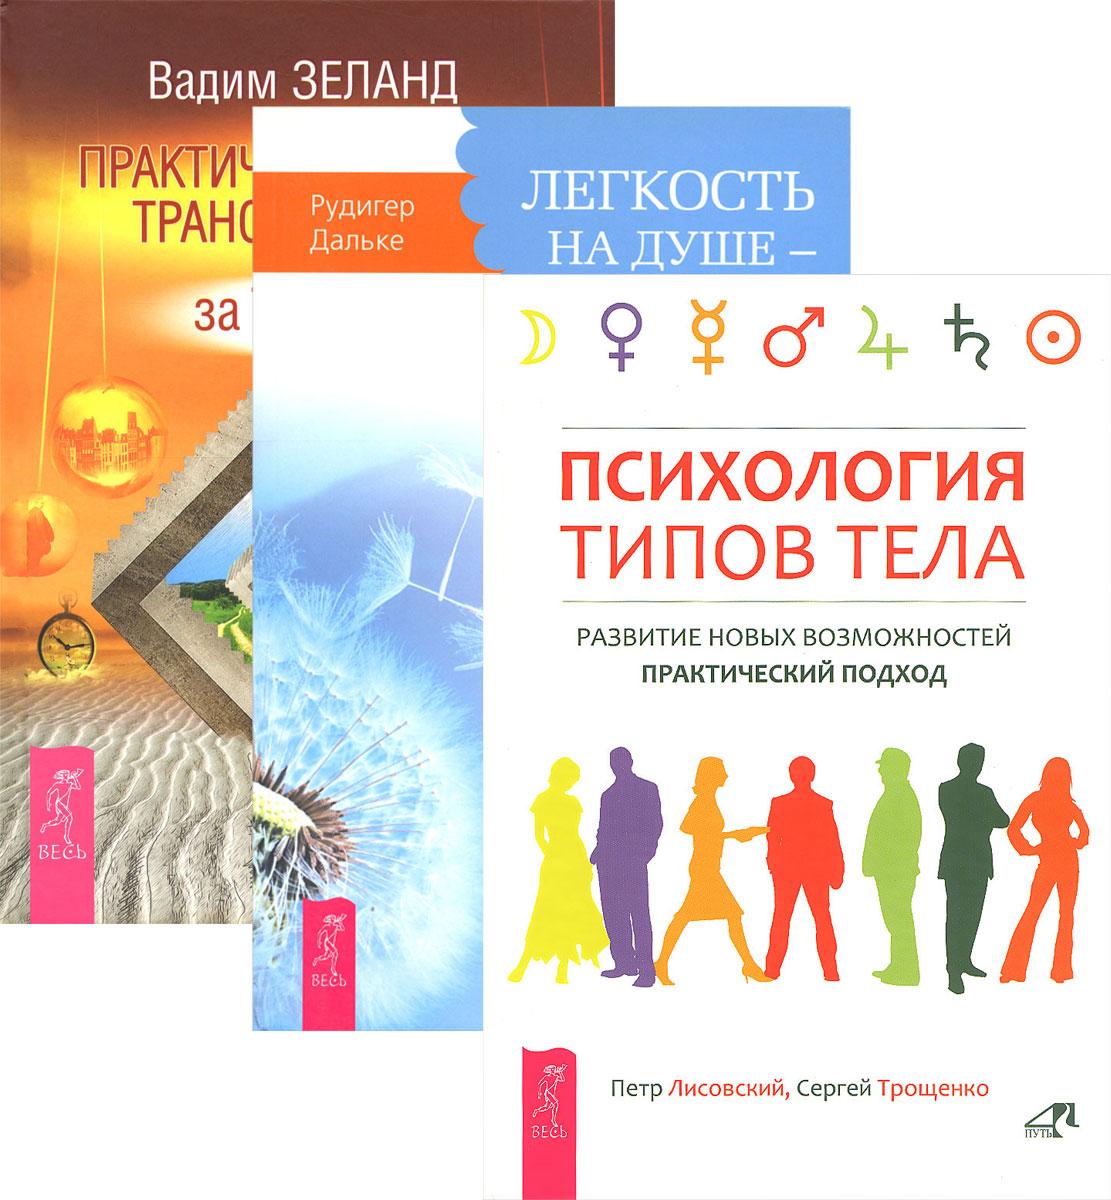 Практический курс Трансерфинга. Легкость на душе. Психология типов тела (комплект из 3 книг) ( 978-5-9573-2988-6, 978-5-9573-2642-7, 978-5-9573-2543-7 )